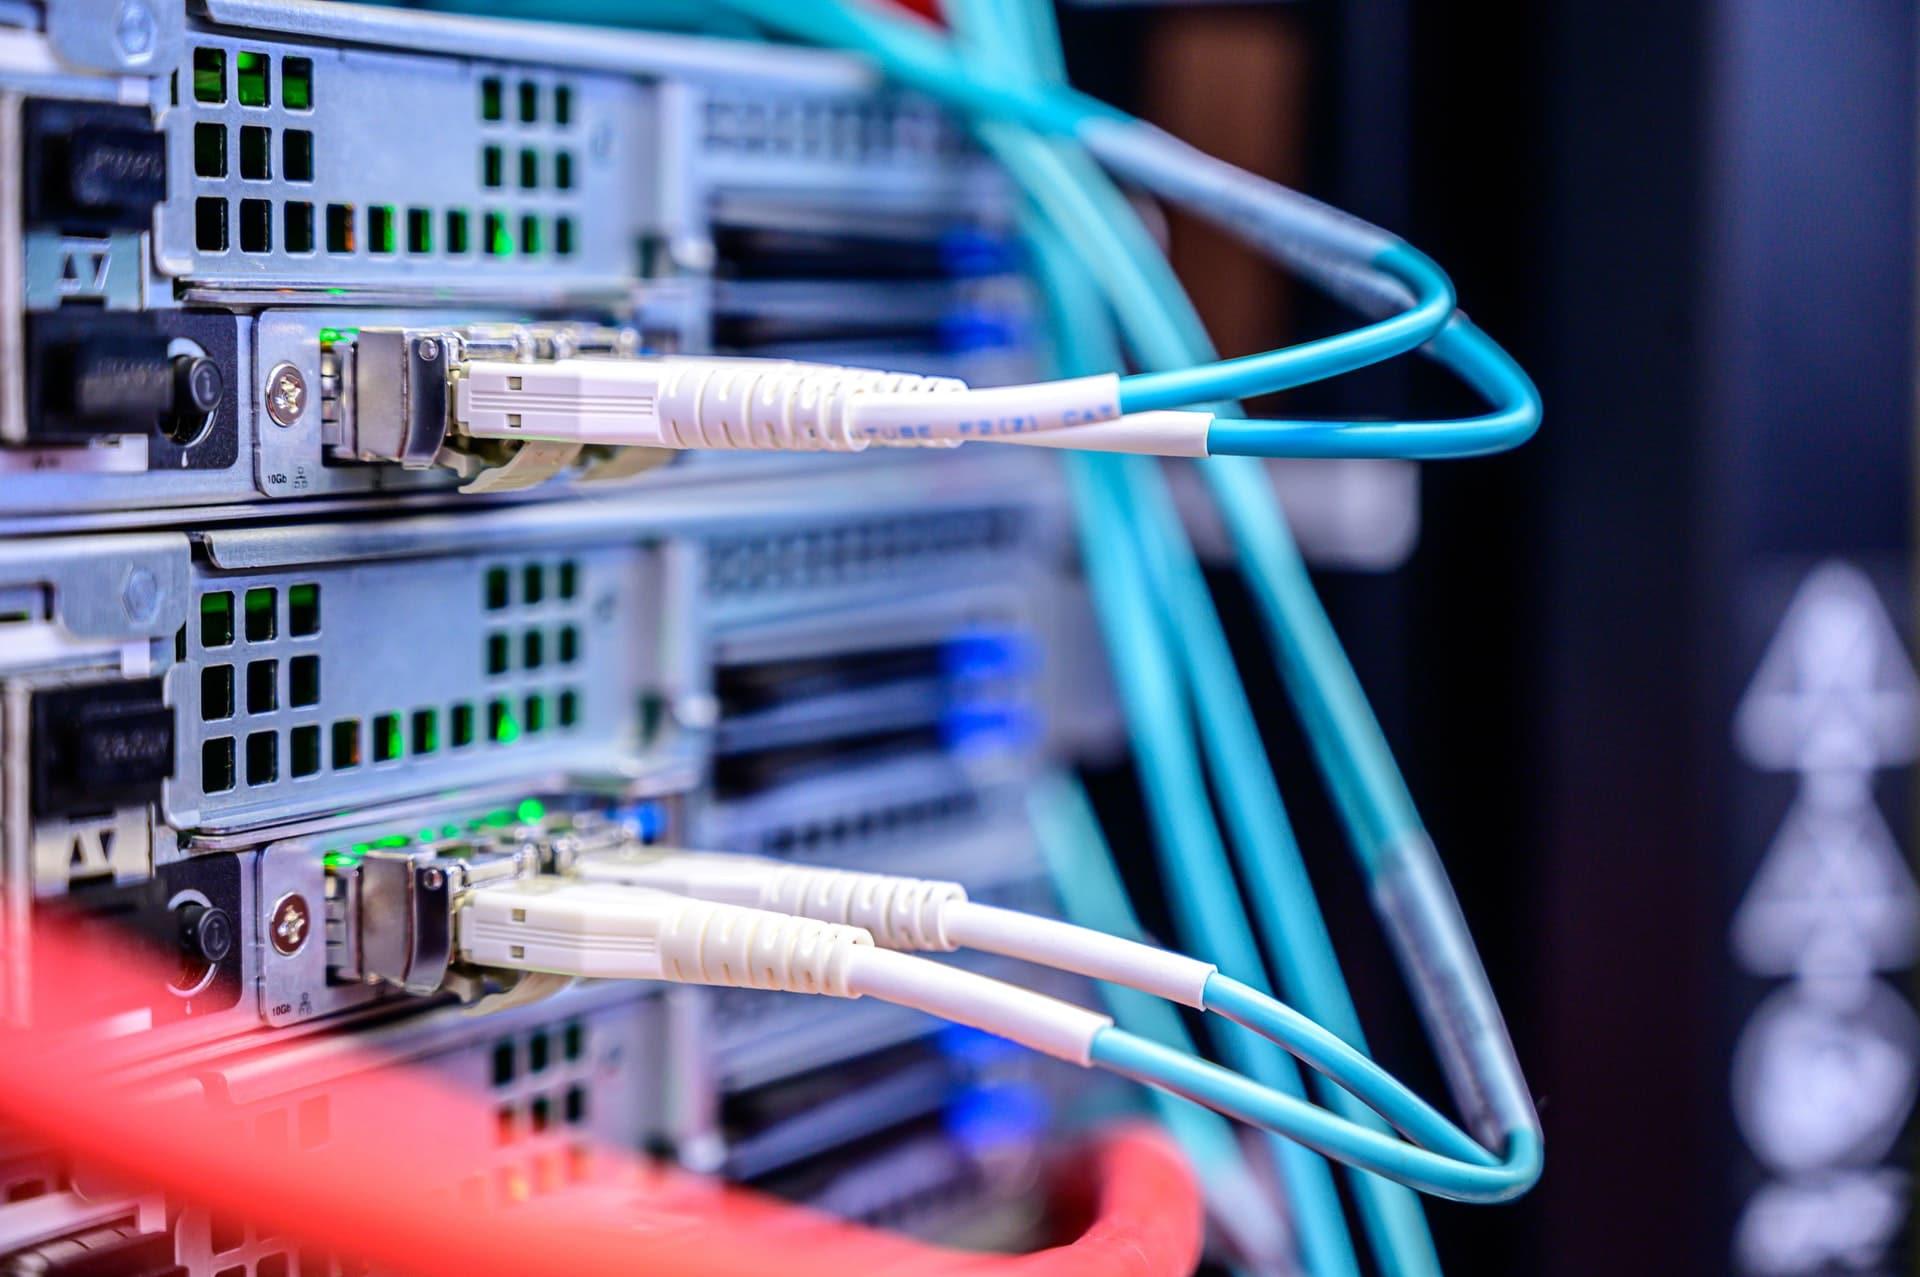 Una guía para enseñar a los usuarios cómo configurar su router correctamente